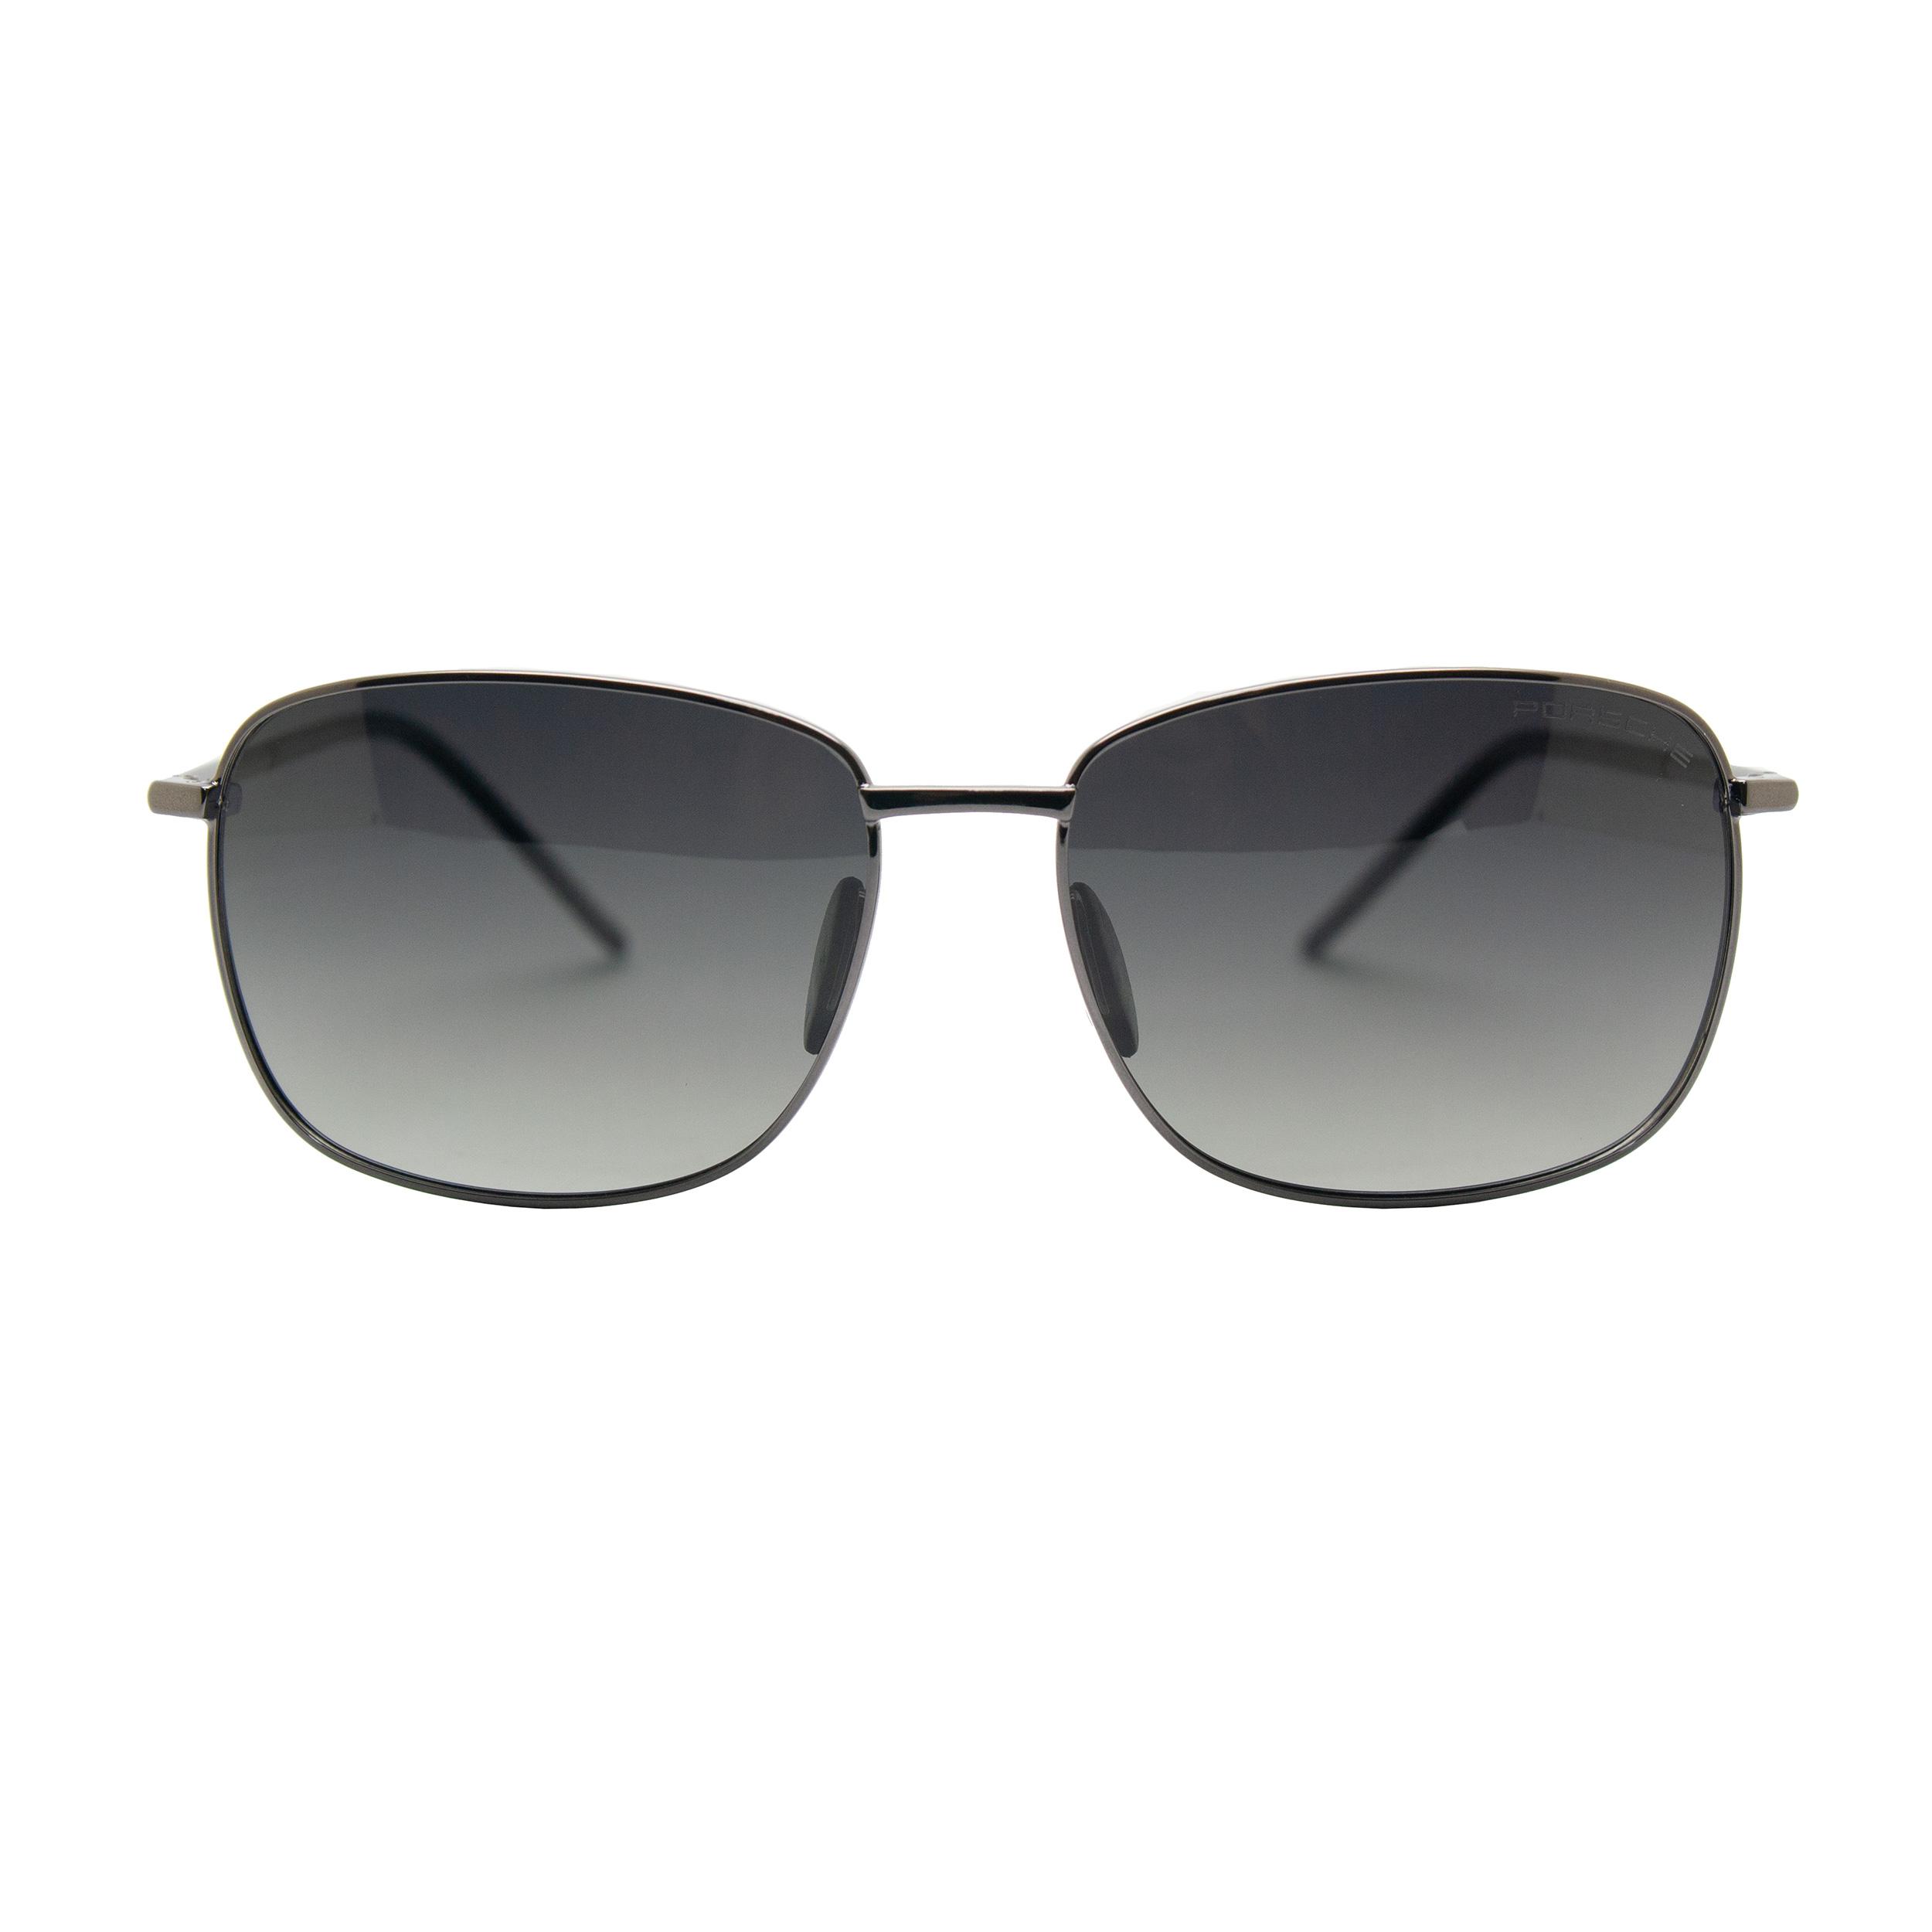 عینک آفتابی پورش دیزاین مدل P8630 NOK